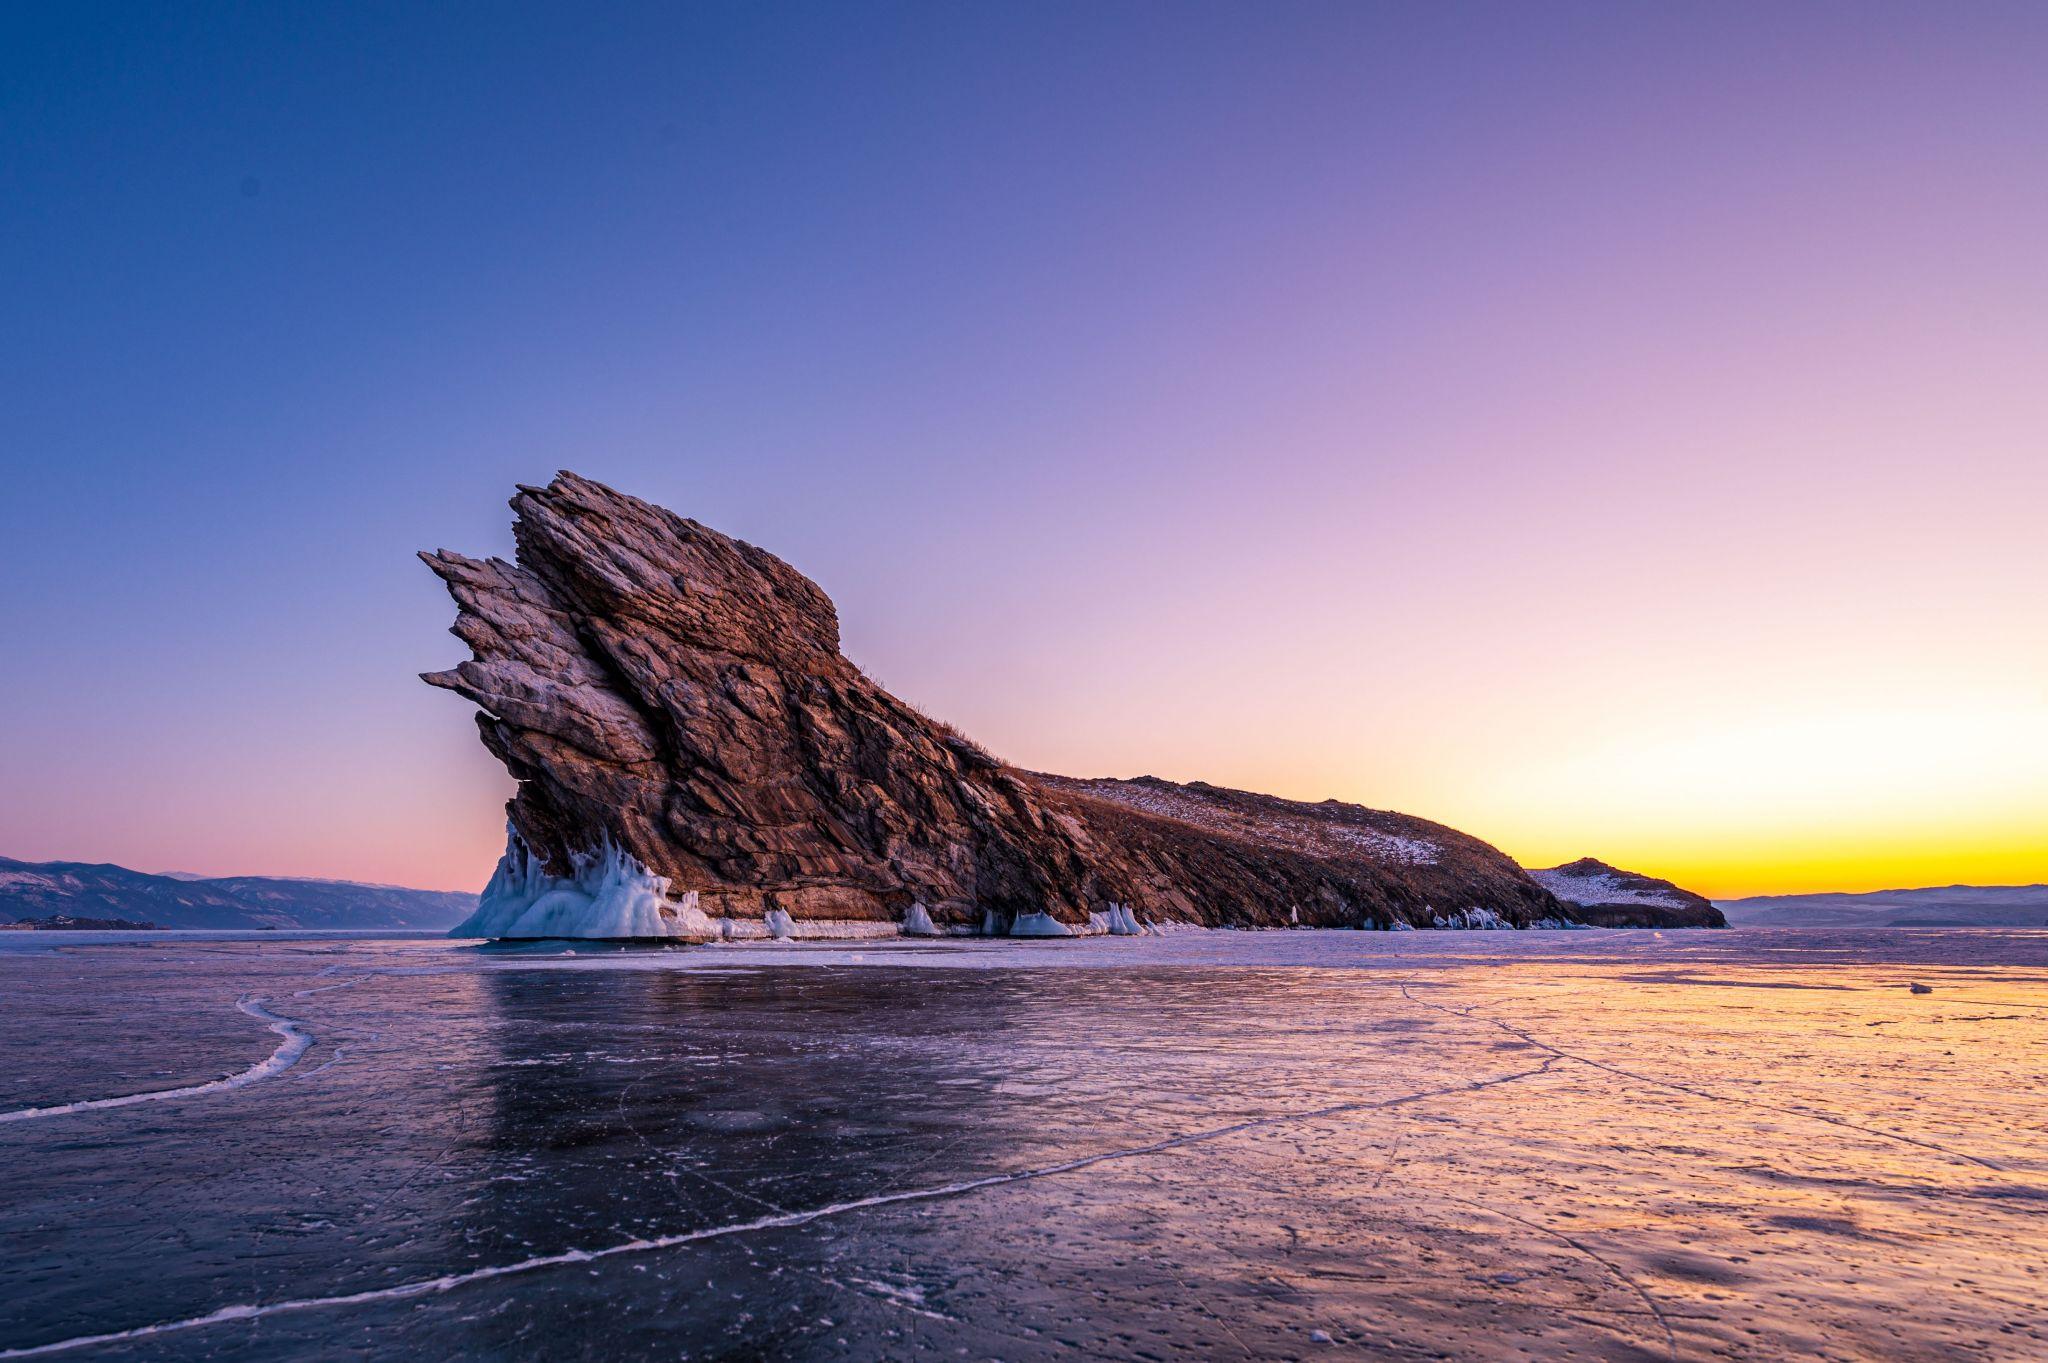 Cape Dragon Island Ogoy, Russian Federation